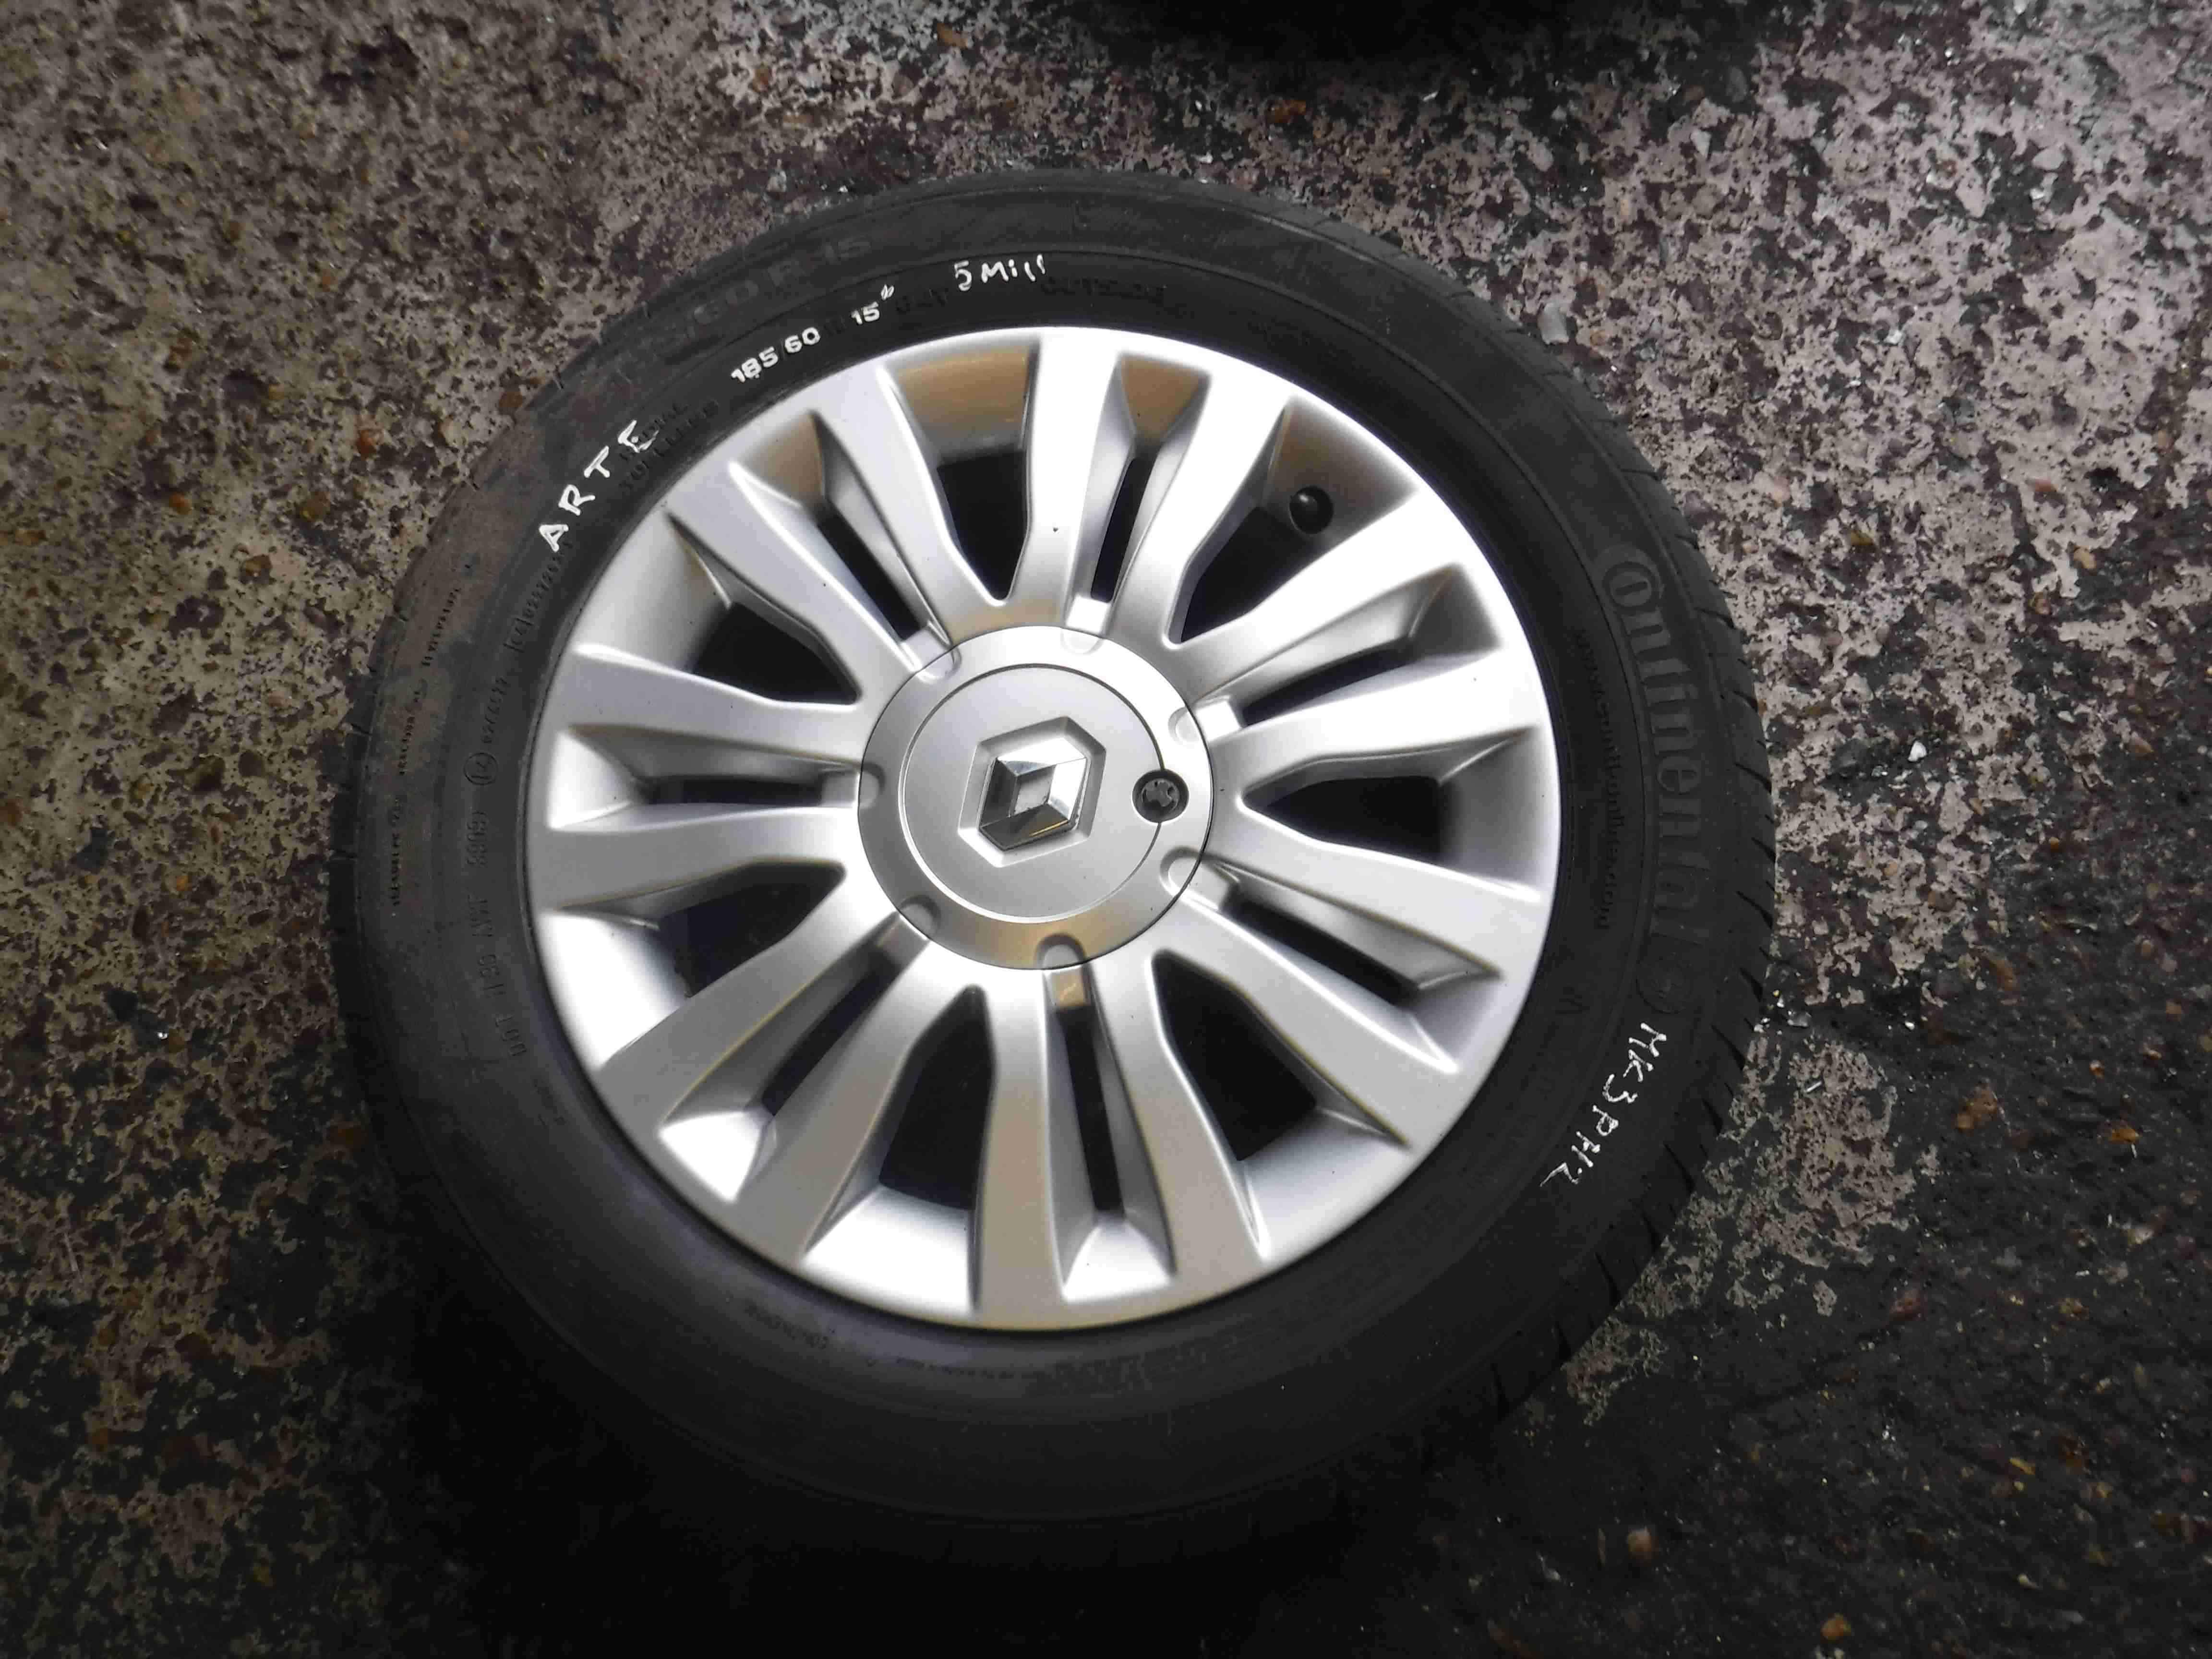 Renault Clio MK3 2005-2012 Del Arte Alloy Wheel  Tyre 185 60 15 5mm inch 45